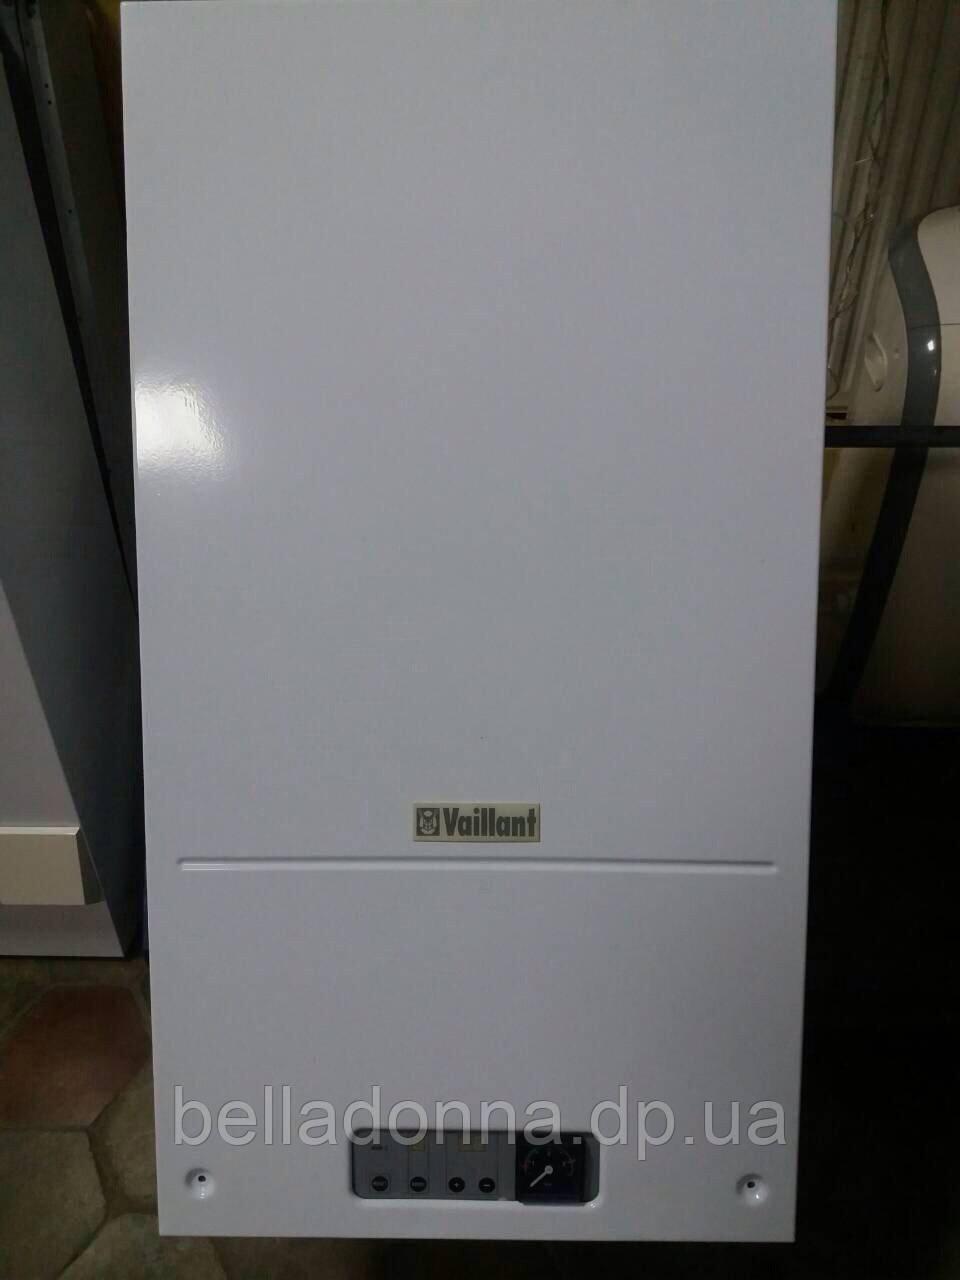 Газовый котел конденсационный Vaillant T6 отопление до 280 м²  (Б/У с гарантией)